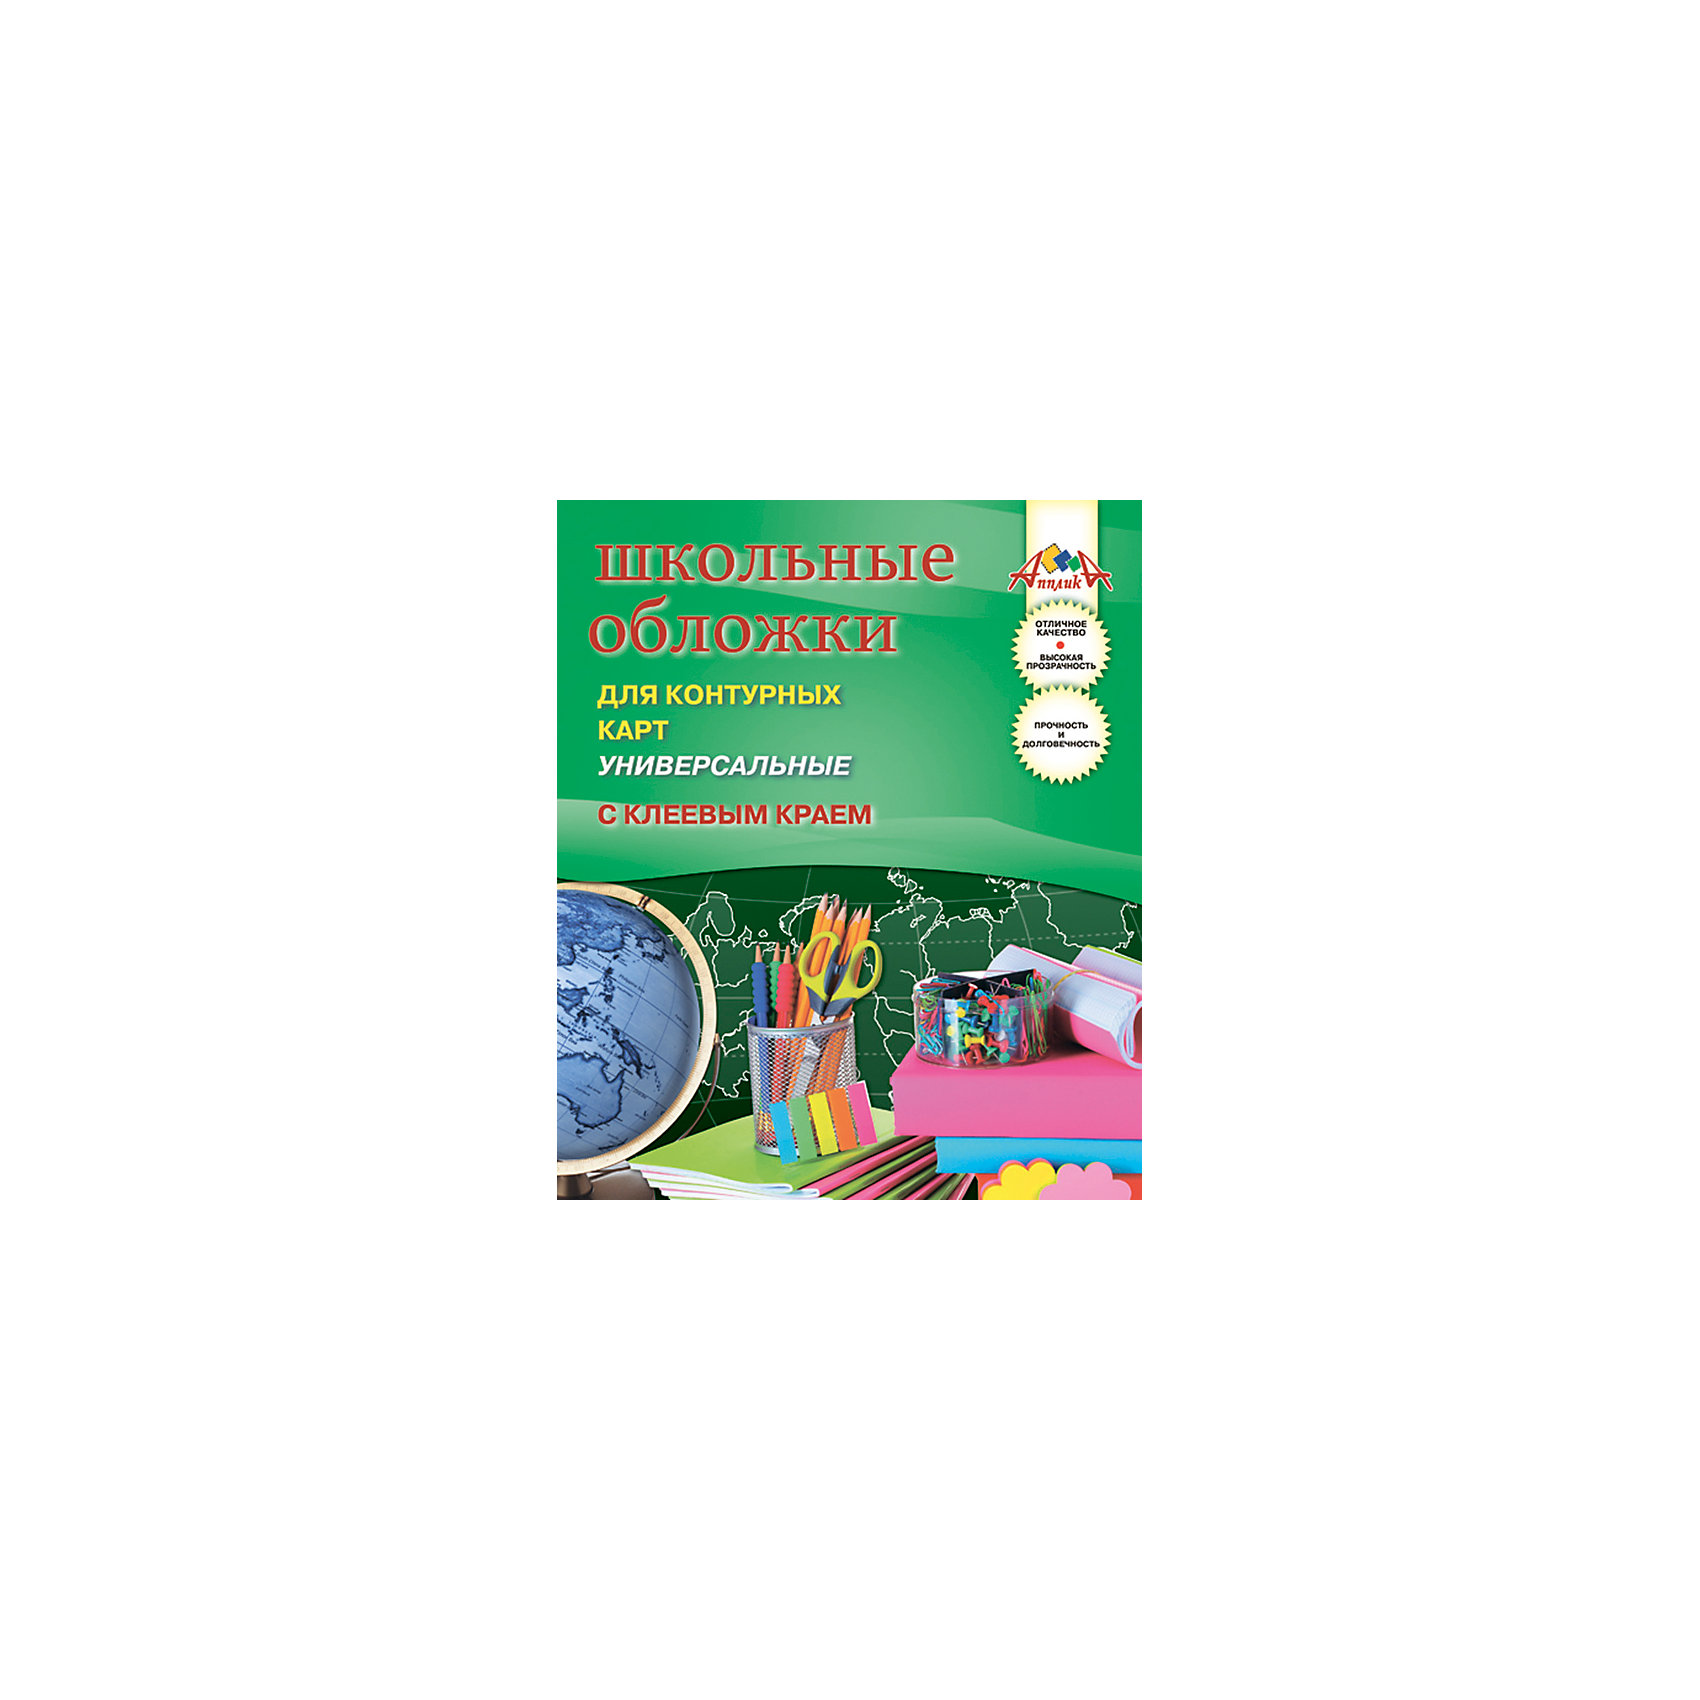 Обложки для контурных карт с клеевым краем, ПВХ, комплект 5 штук.Школьные аксессуары<br>Характеристики товара:<br><br>• возраст: от 6 лет;<br>• упаковка: пакет;<br>• количество в упаковки: 5 шт.;<br>• размер: 48,5х29,5 см.;<br>• материал: пвх;<br>• вес: 105 гр.;<br>• страна бренда: Россия;<br>• страна изготовитель: Россия.<br><br>Обложки для контурных карт с клеевым краем, комплект 5 штук - в наборе 5 обложек прозрачного цвета, выполненые из ПВХ плотностью 110 мкм. <br><br>Предназначены для защиты от пыли, грязи и механических повреждений, а специальный клеевой край обеспечить надежную фиксацию. Отличное качество, высокая прозрачность, прочность и долговечность - это главные преимущества этого набора. <br><br>Обложки для контурных карт с клеевым краем, комплект 5 штук, можно купить в нашем интернет-магазине.<br><br>Ширина мм: 300<br>Глубина мм: 200<br>Высота мм: 2<br>Вес г: 105<br>Возраст от месяцев: 36<br>Возраст до месяцев: 216<br>Пол: Унисекс<br>Возраст: Детский<br>SKU: 6992583